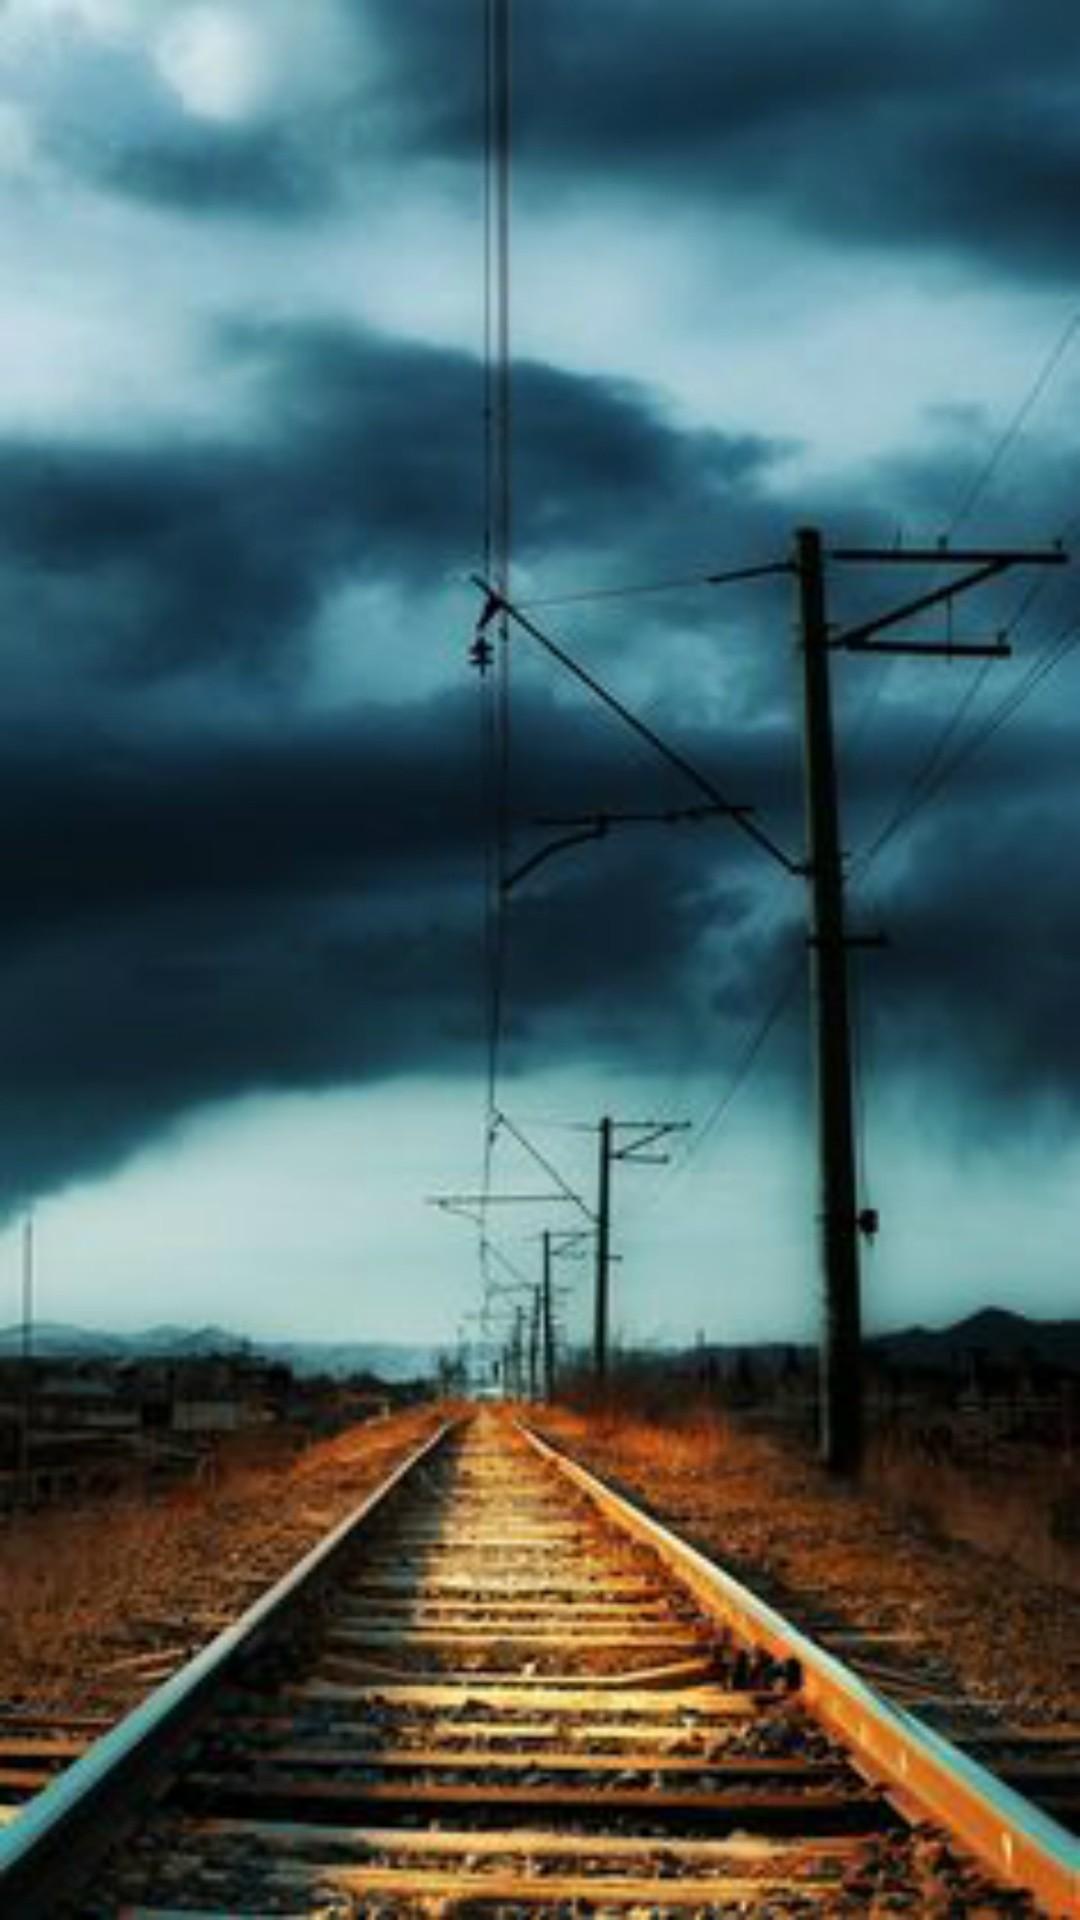 Hd Railway Tracks Wallpaper - [1080x1920]